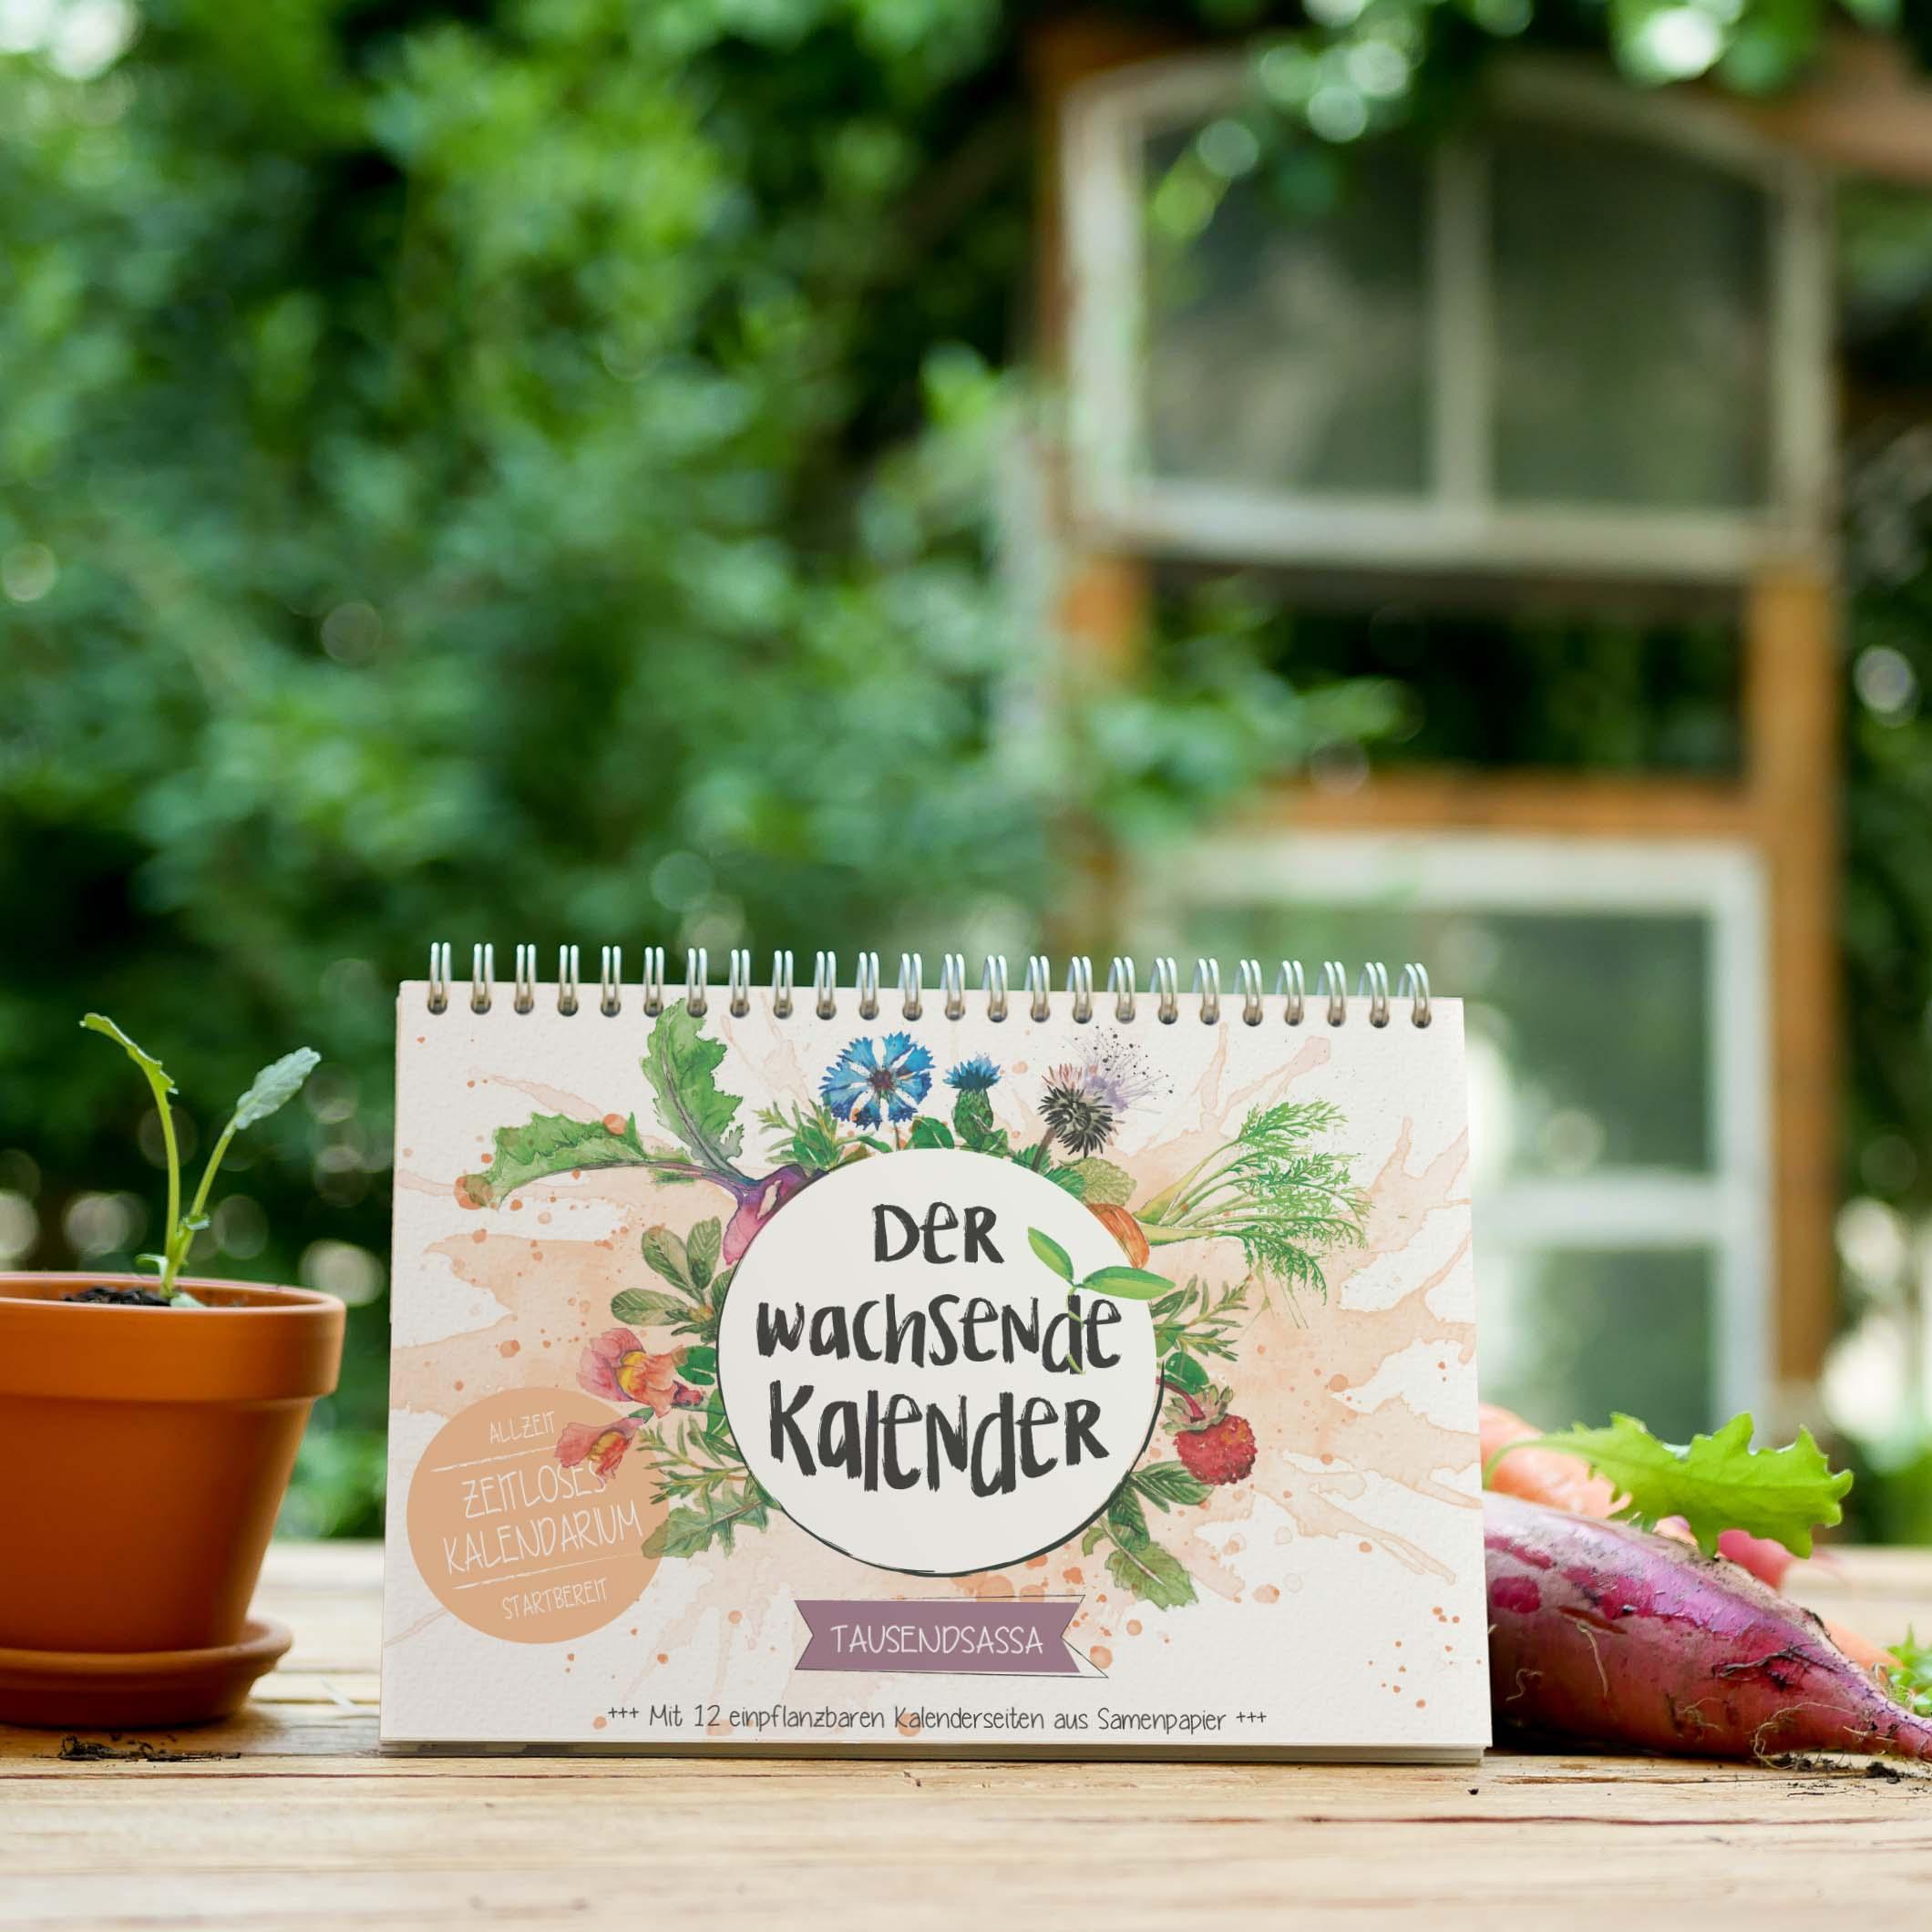 Wachsender Kalender Tausendsassa 2022